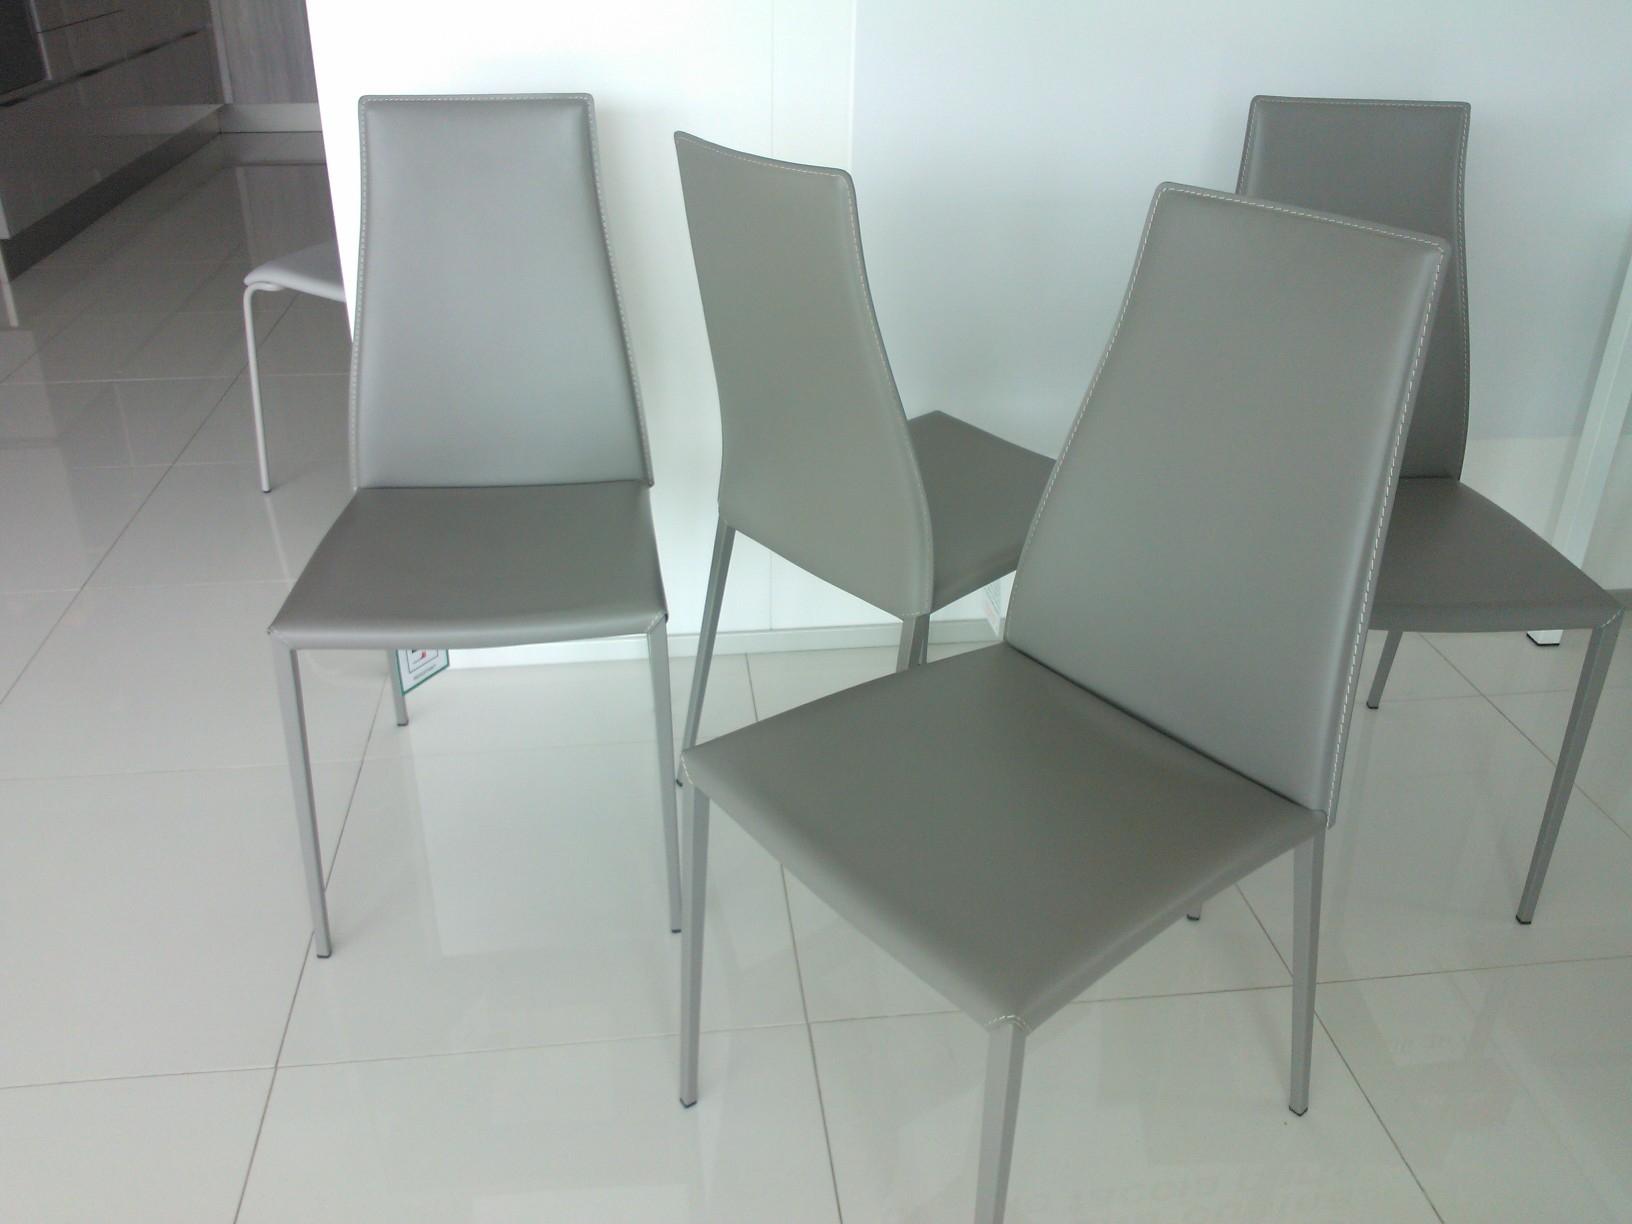 Sedia calligaris aida scontato del 56 sedie a prezzi for Calligaris sedie